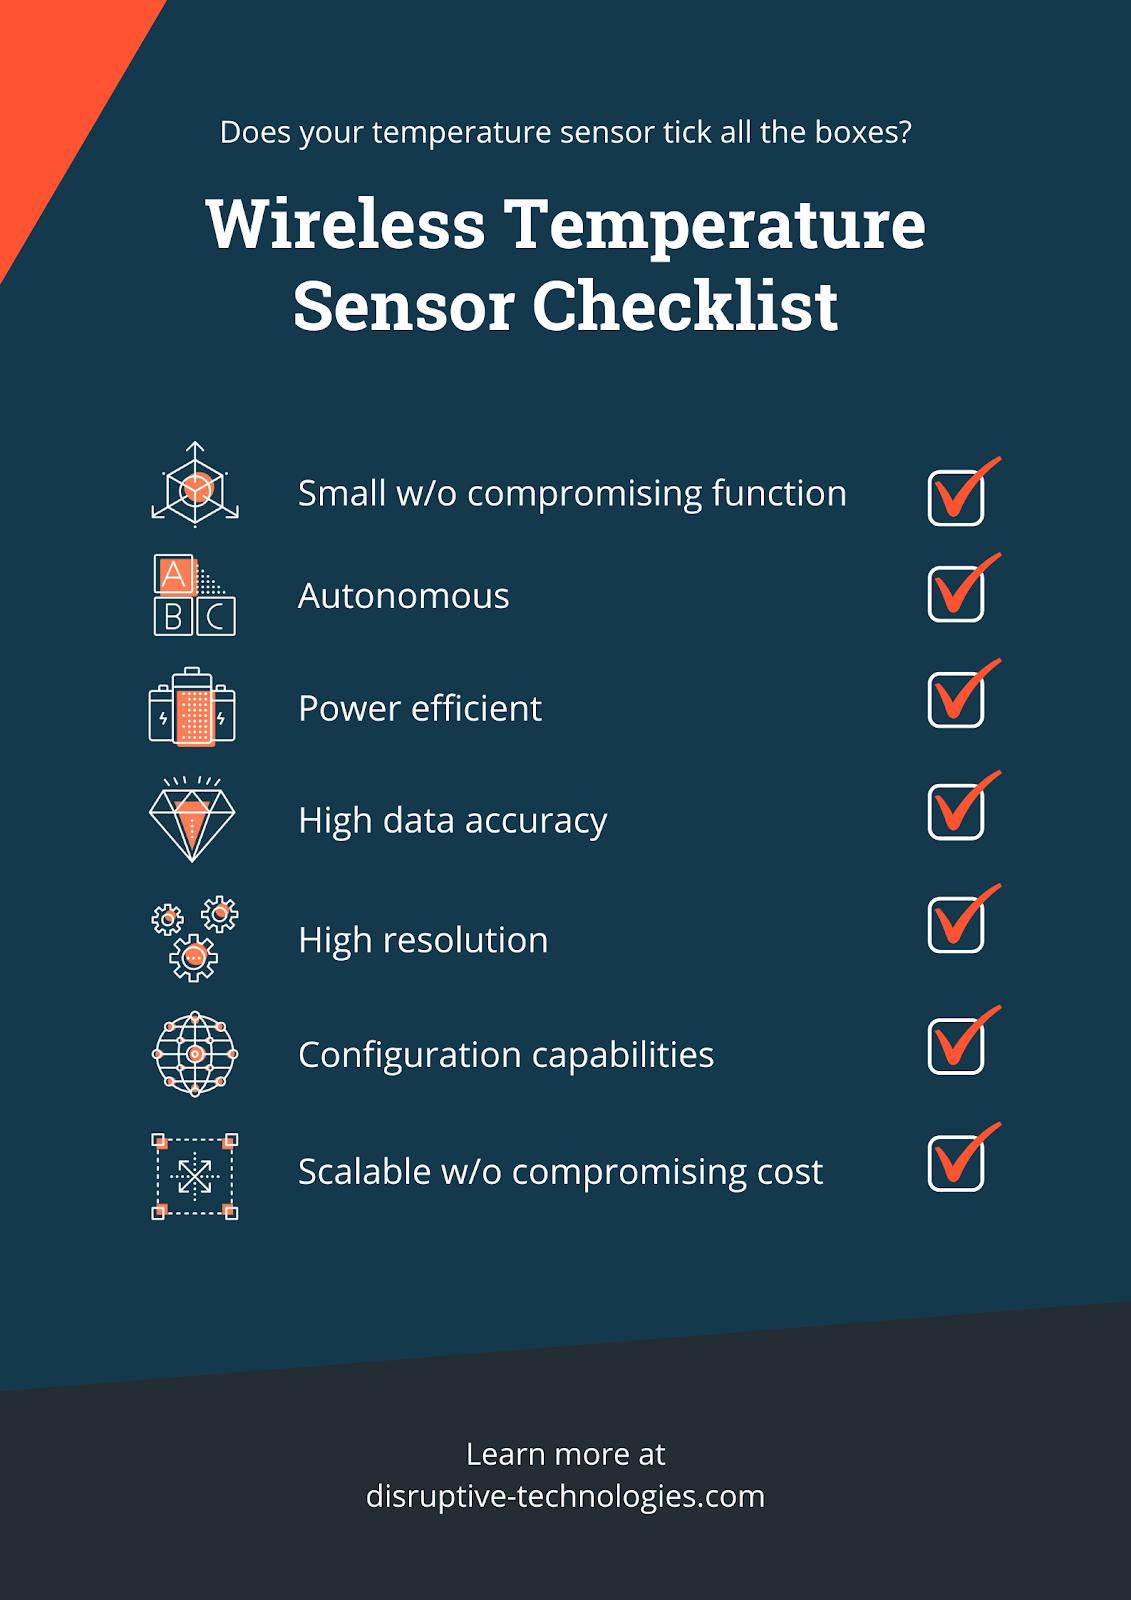 wireless temperature sensor checklist